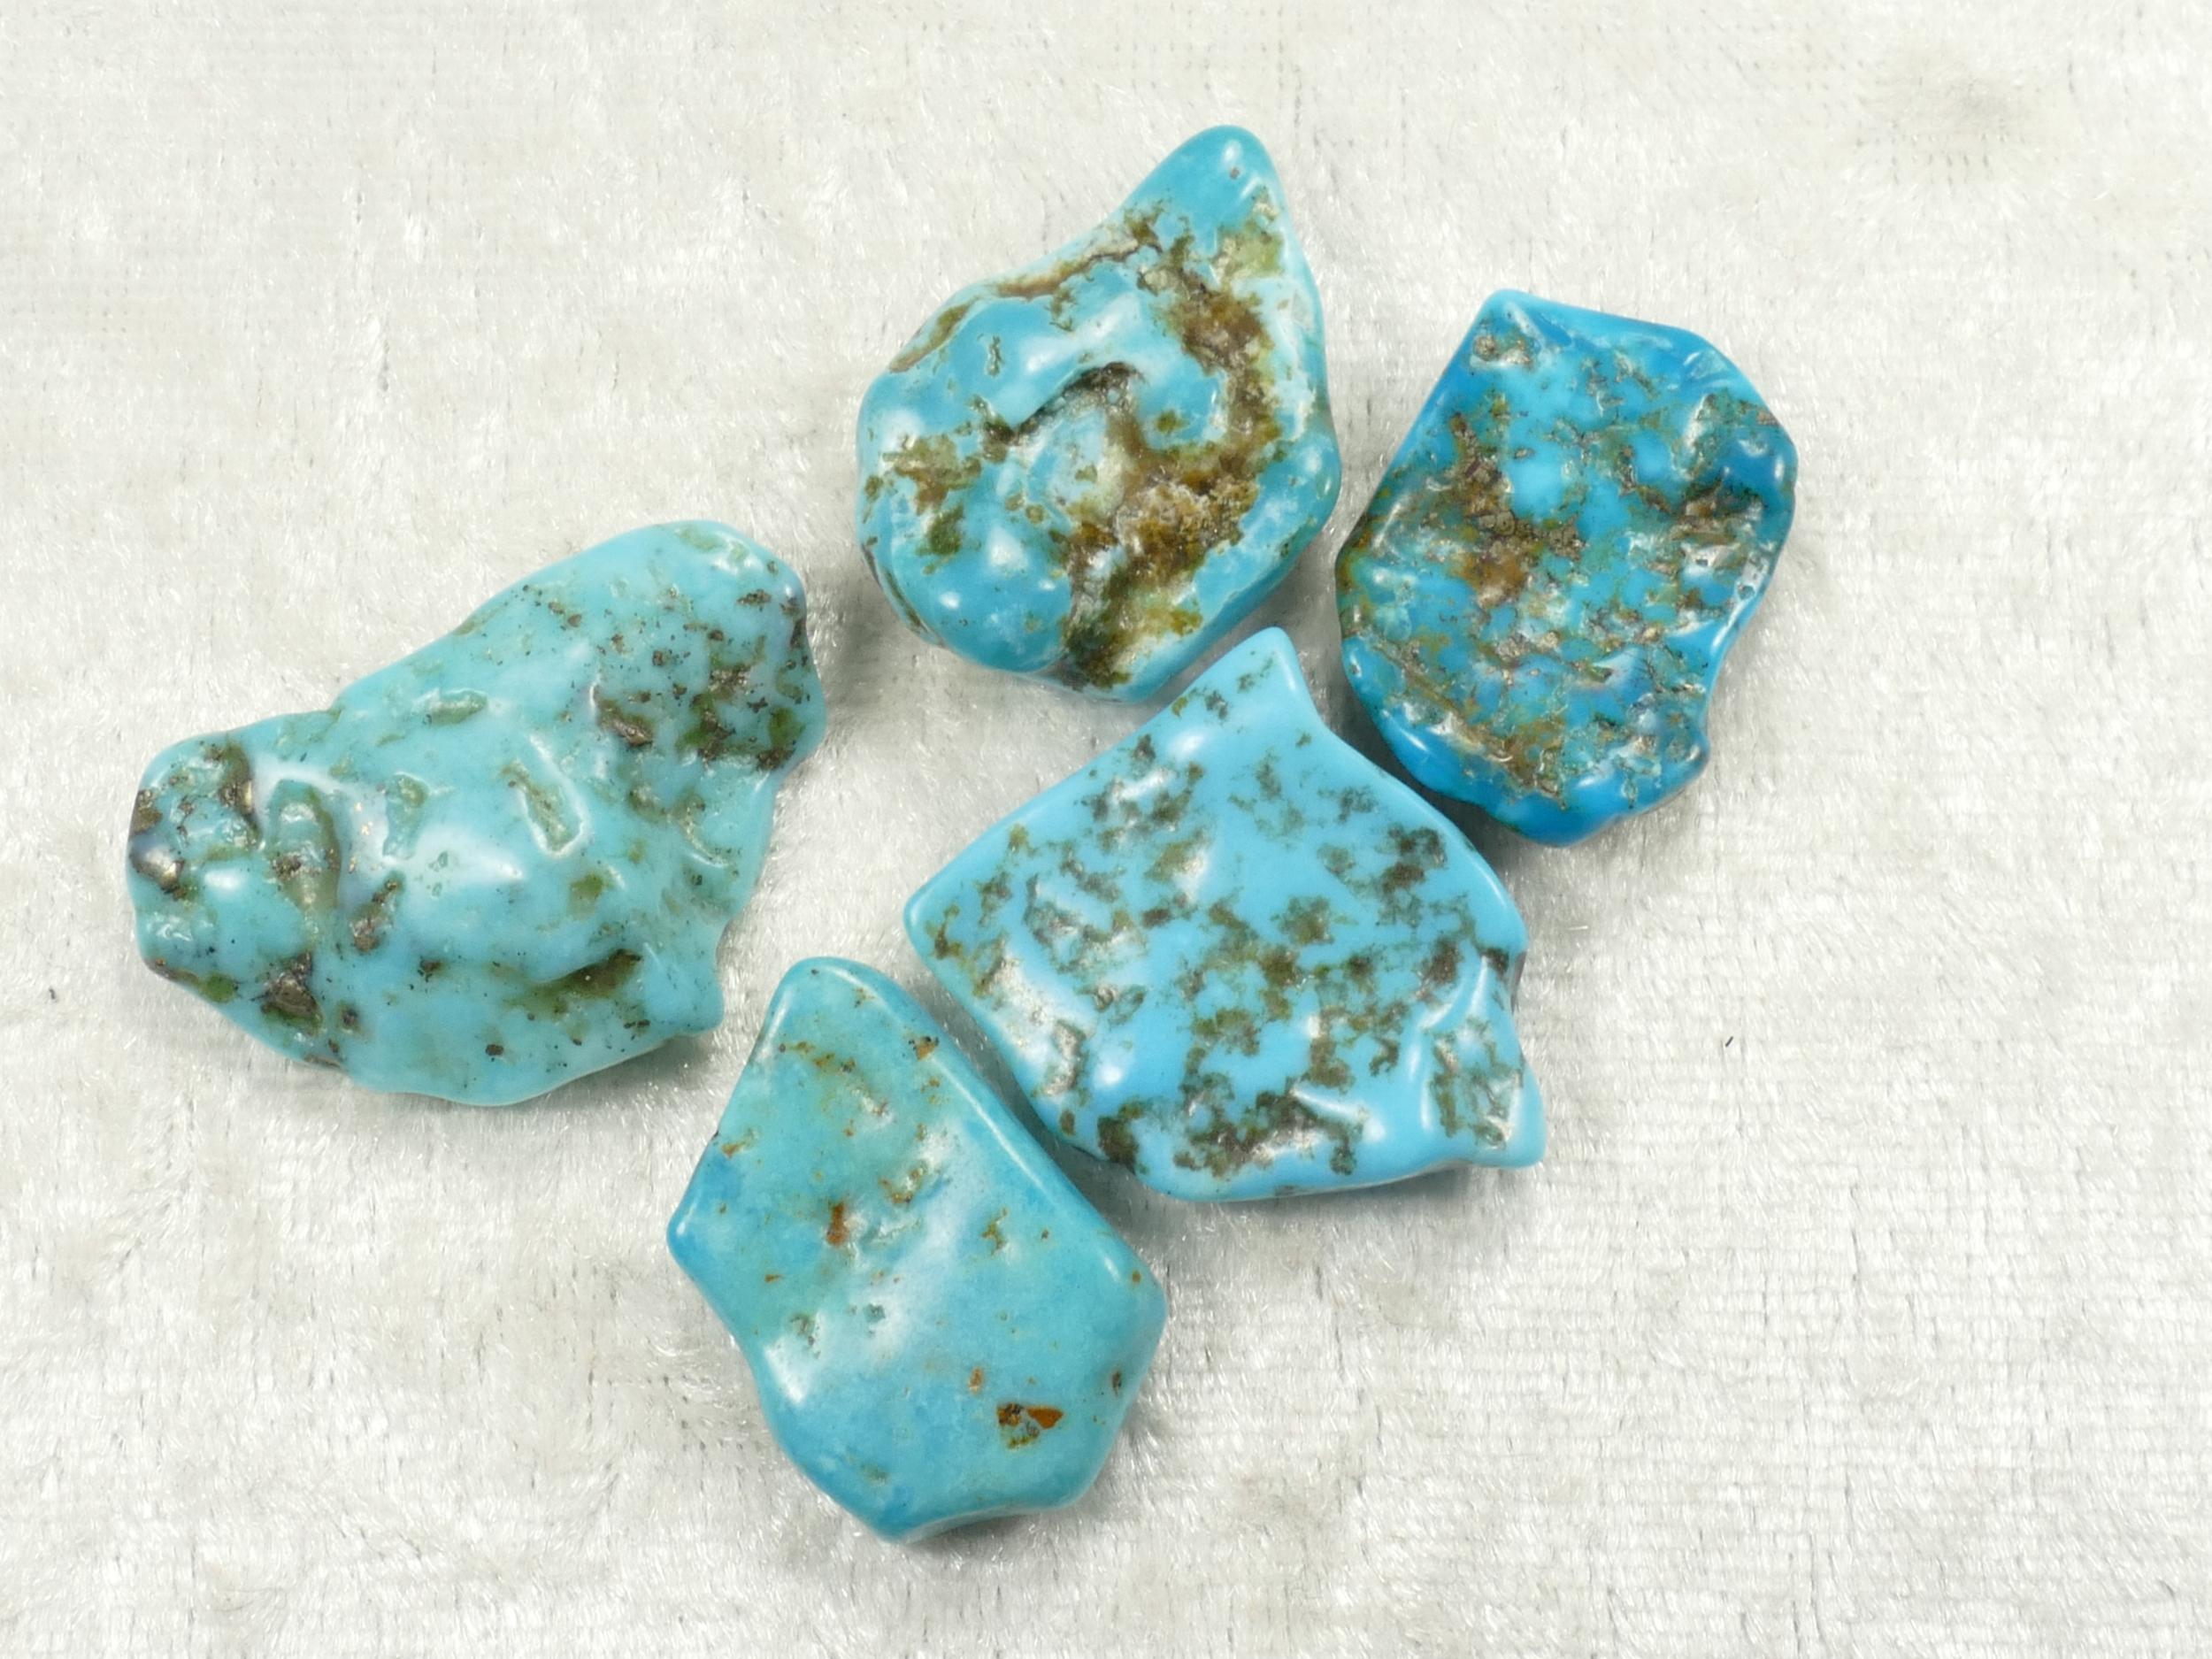 5 Turquoise naturelle morceau roulé de Mongolie 13.5g lot pépite pour pendentif percage gravure (#PK623)